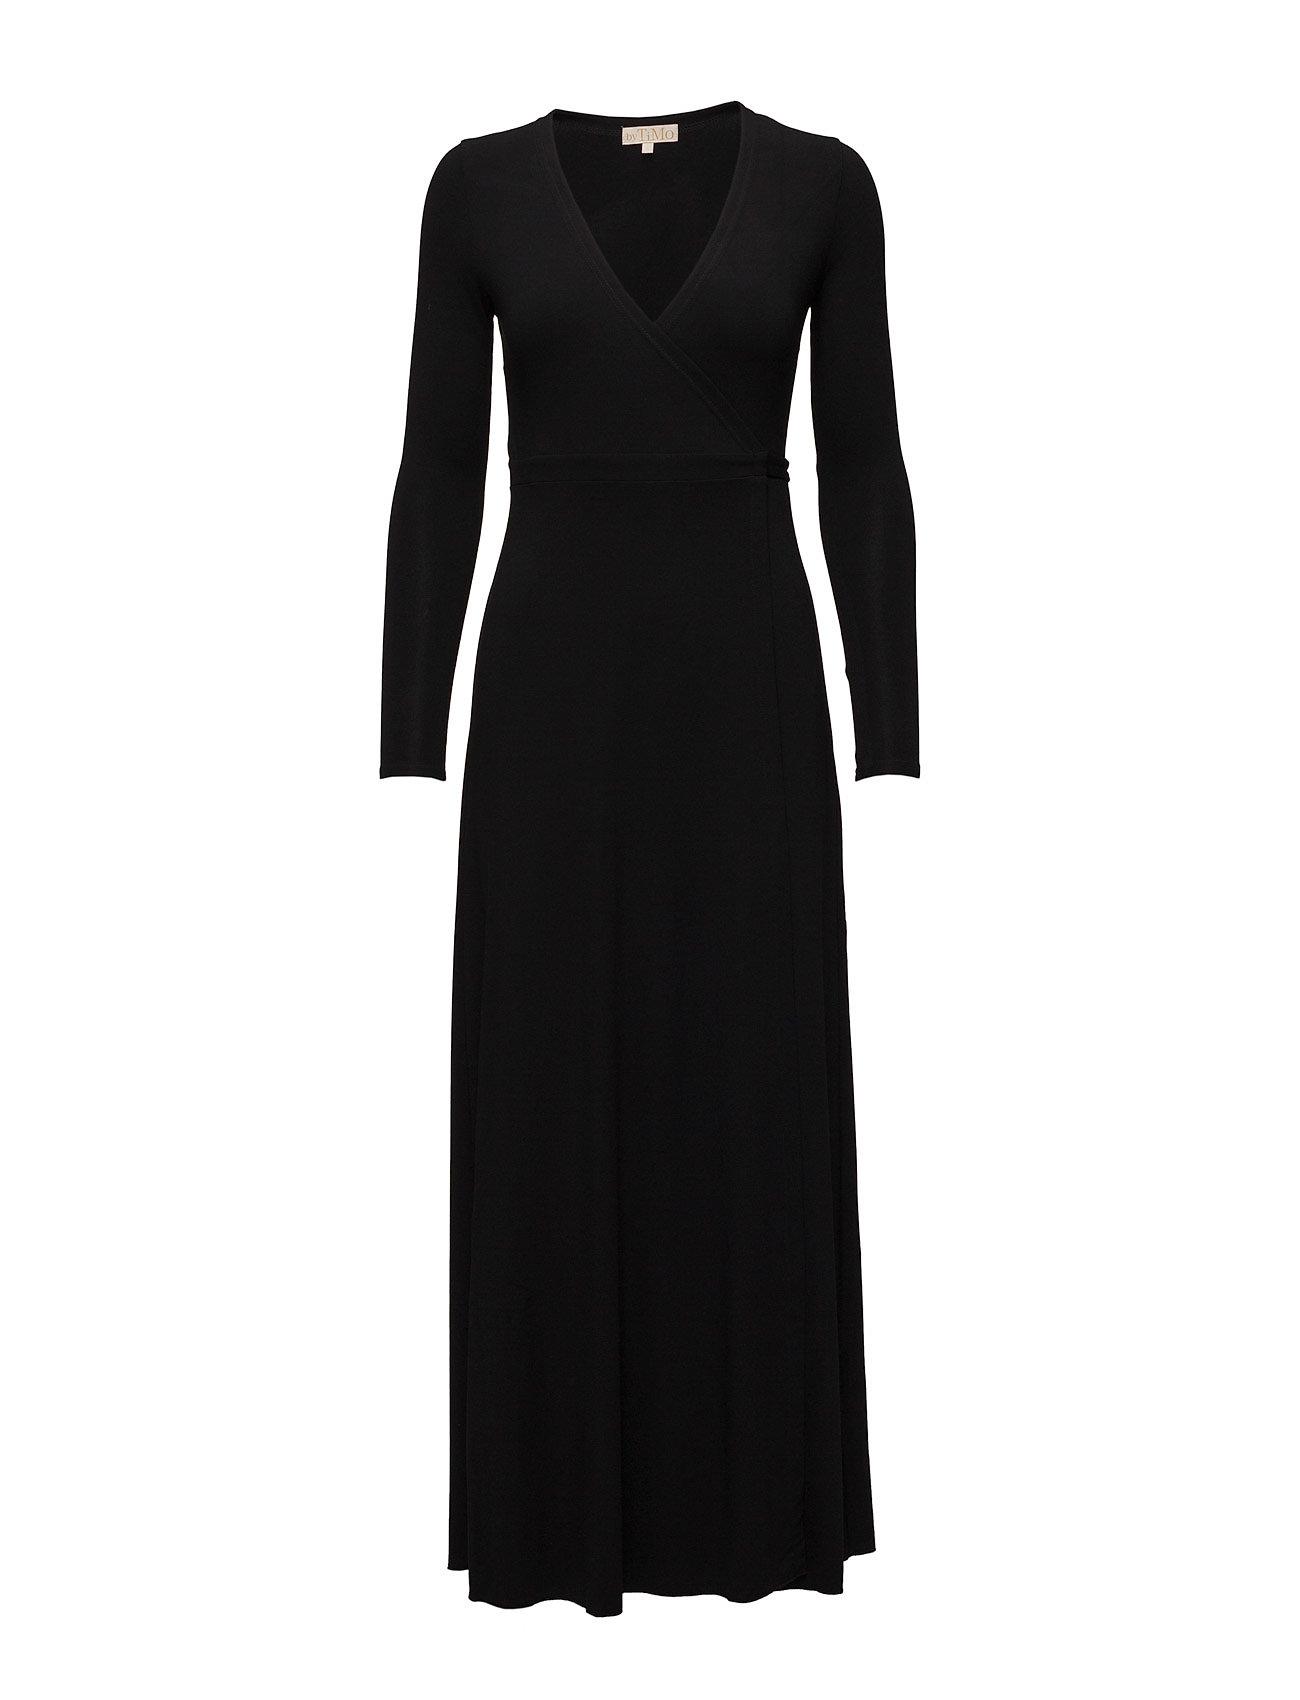 Maxi Dress - Silhouettes by Ti Mo Maxi Kjoler til Damer i